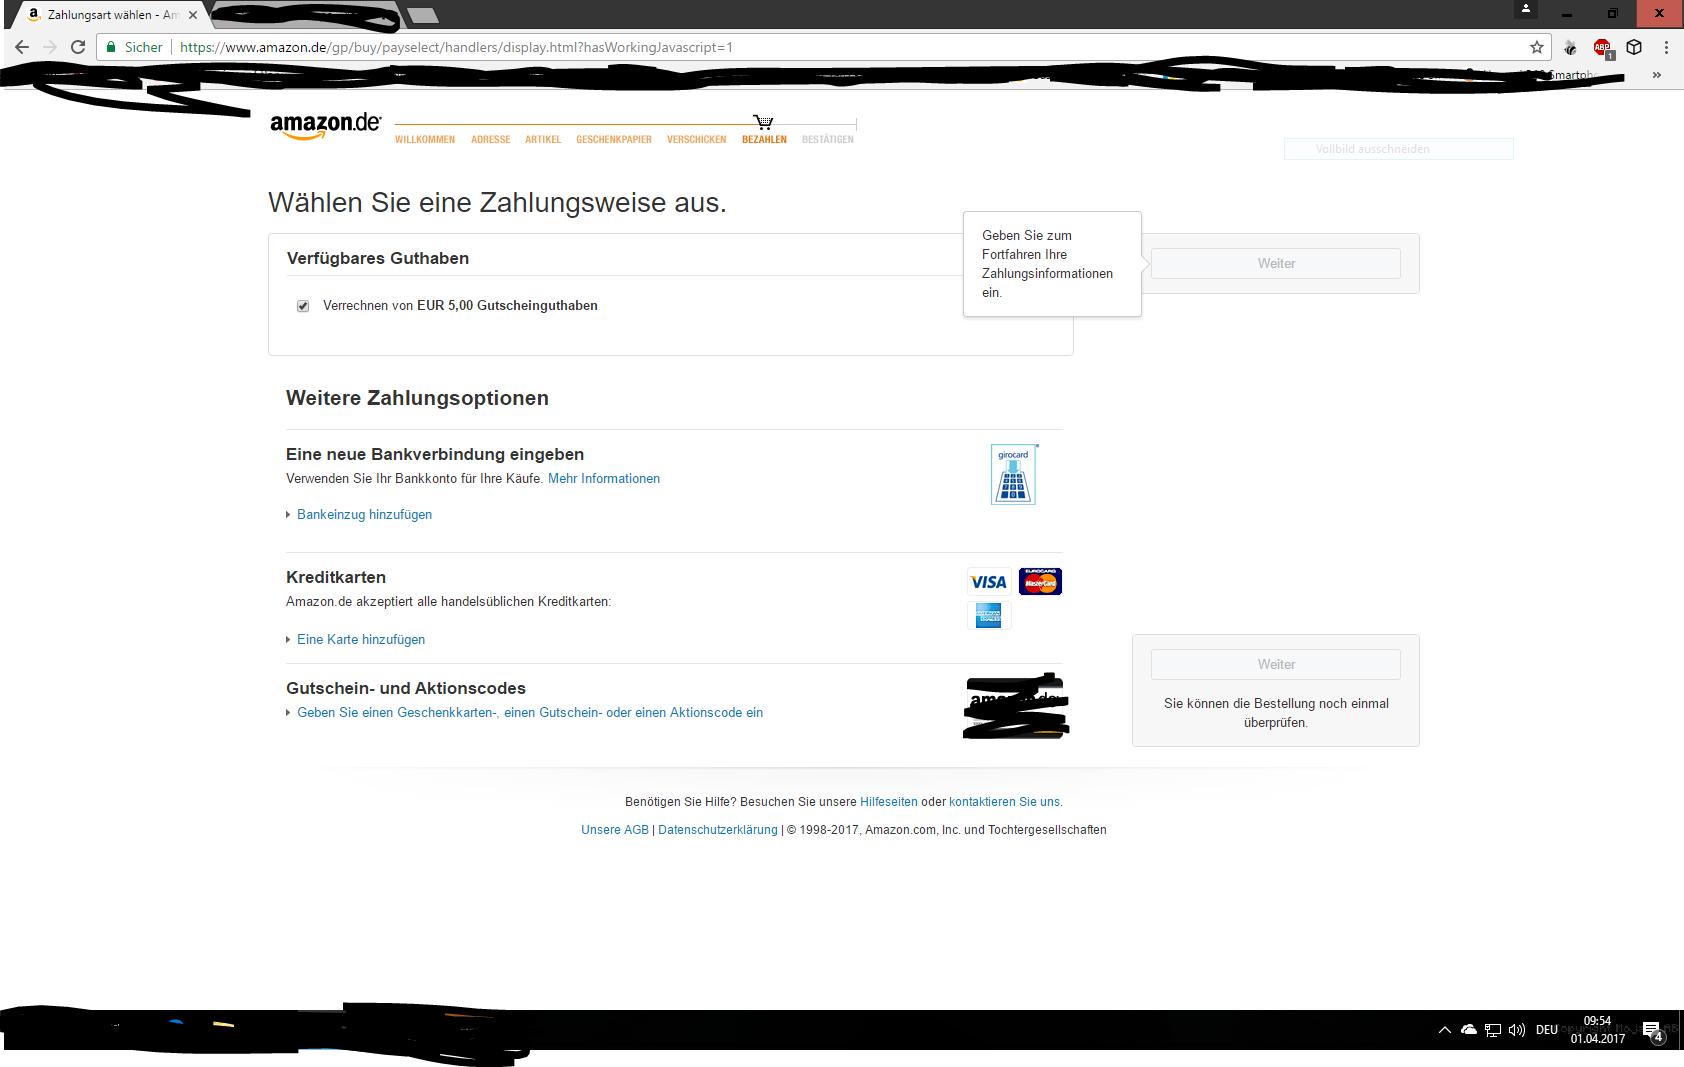 Amazon Mit Rechnung Bezahlen : warum kann ich die nichts mit amazon gutscheinen bezahlen ~ Themetempest.com Abrechnung